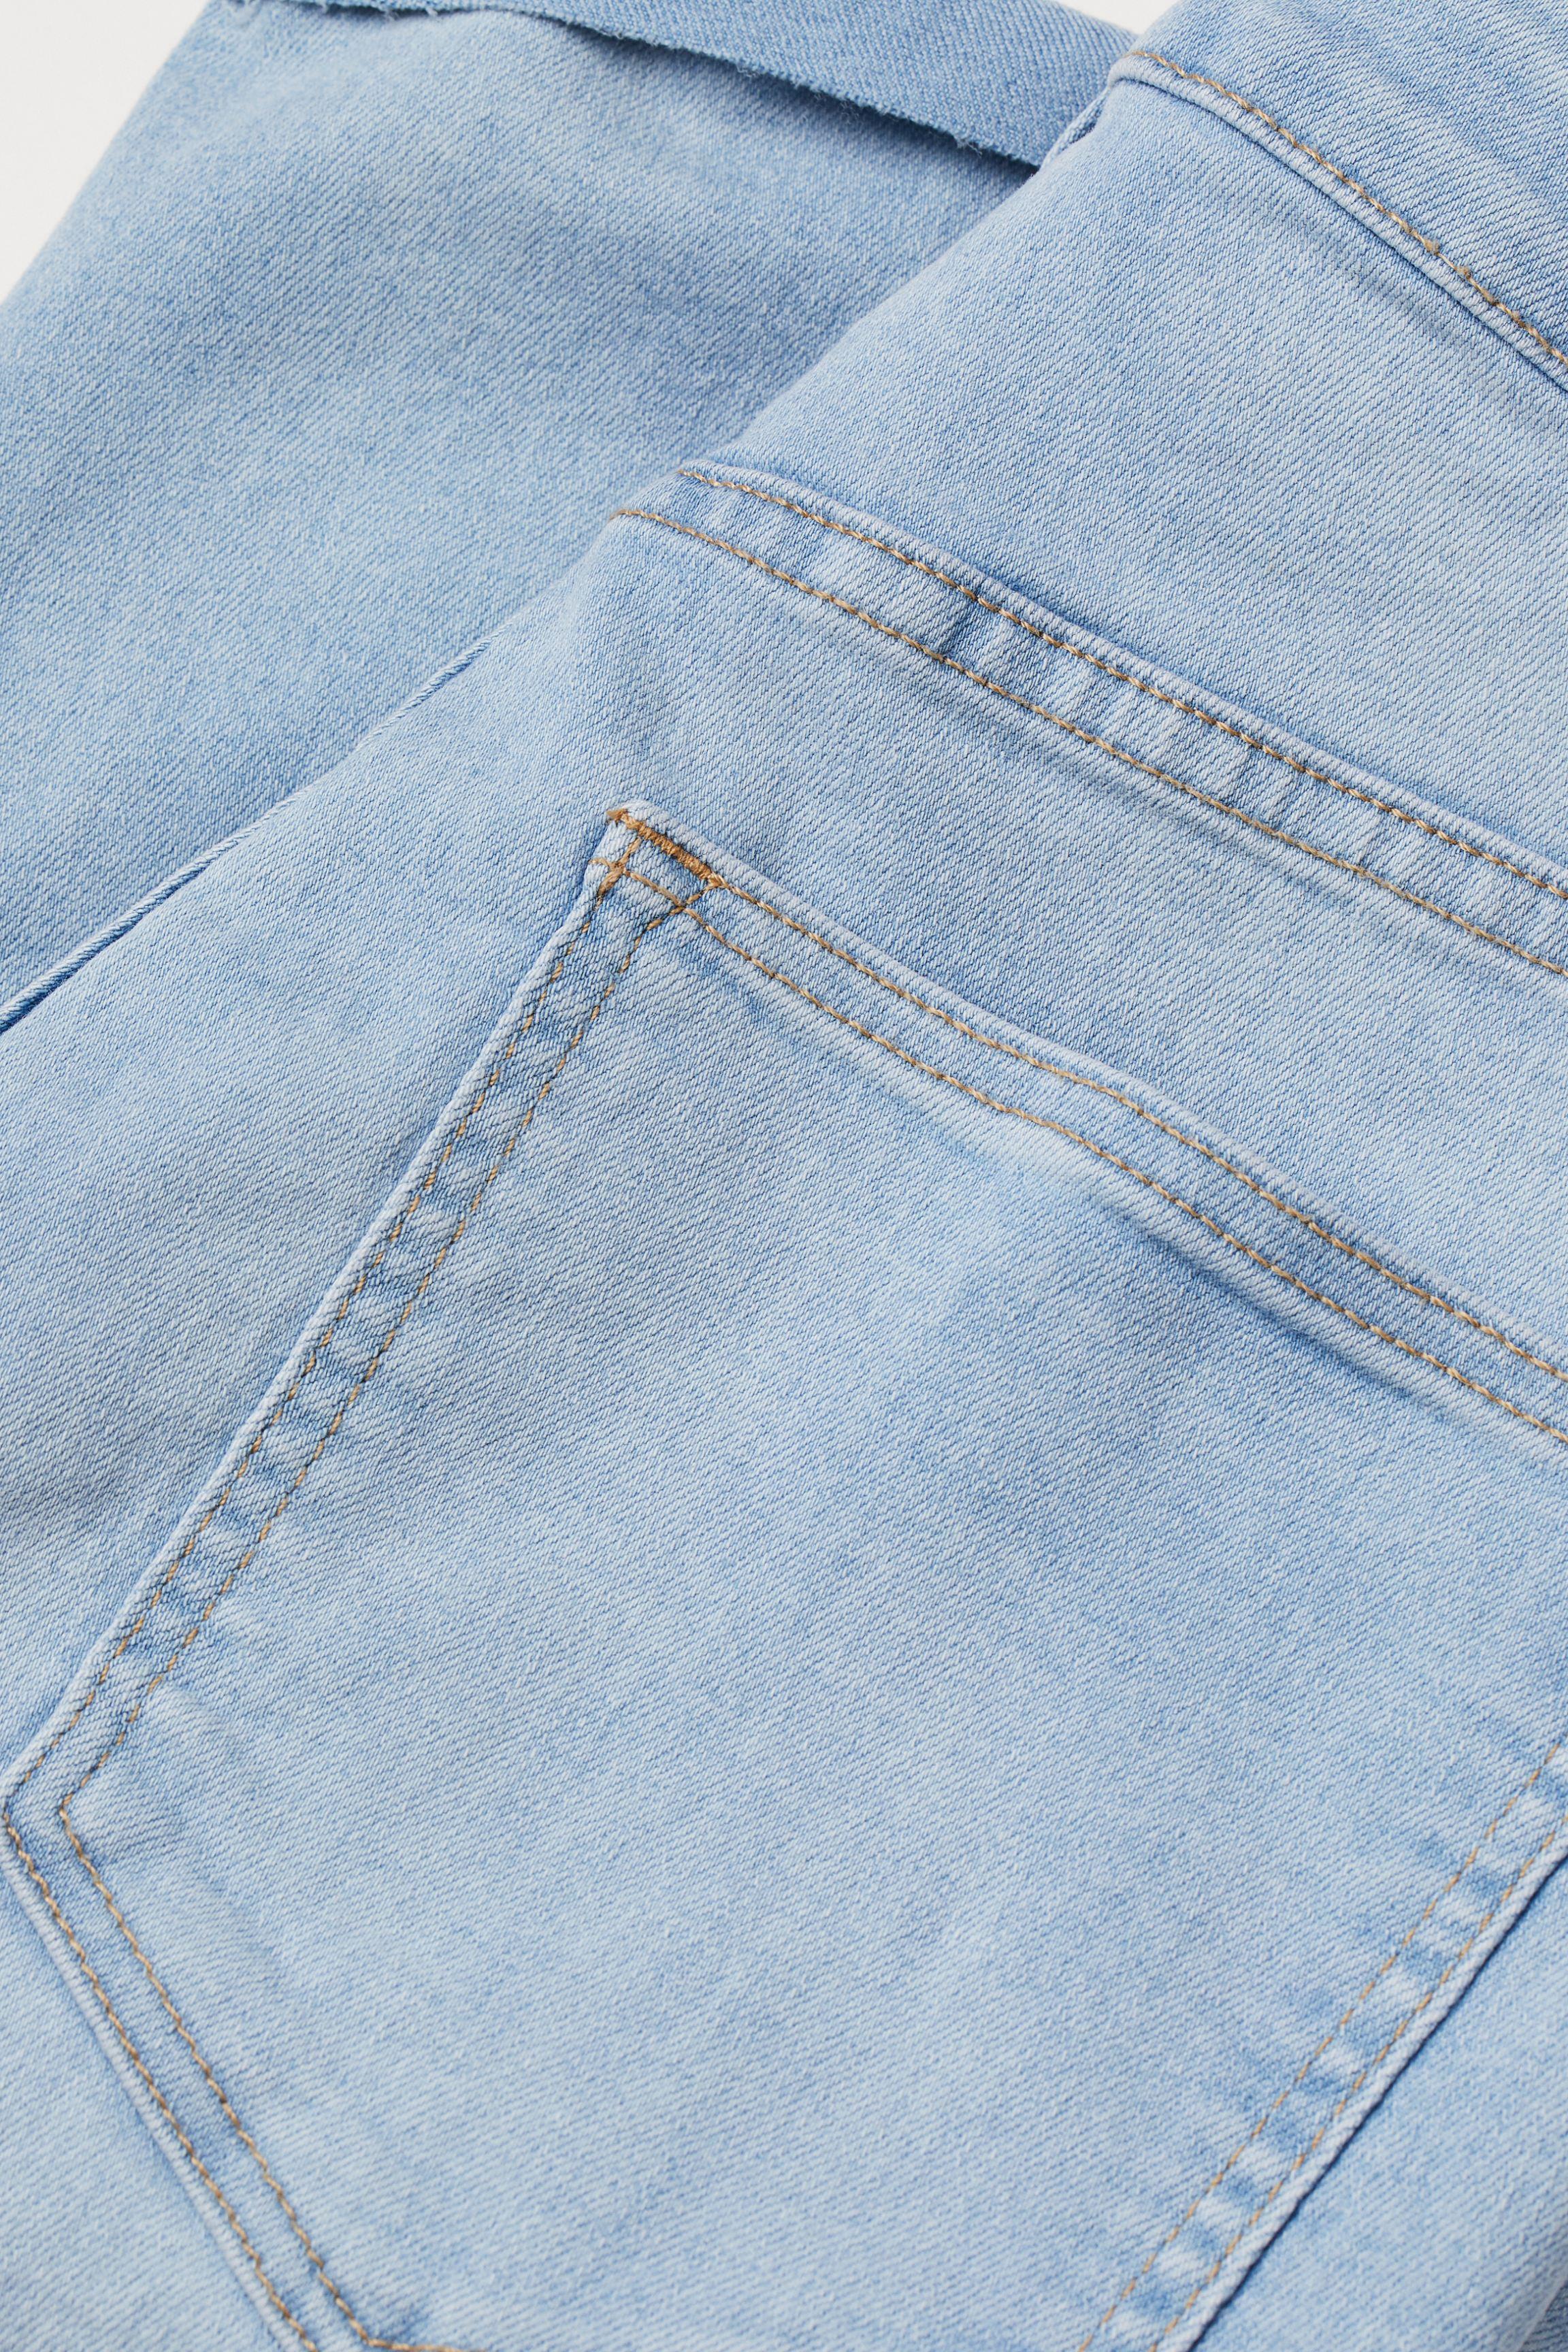 Denim Shorts High Waist